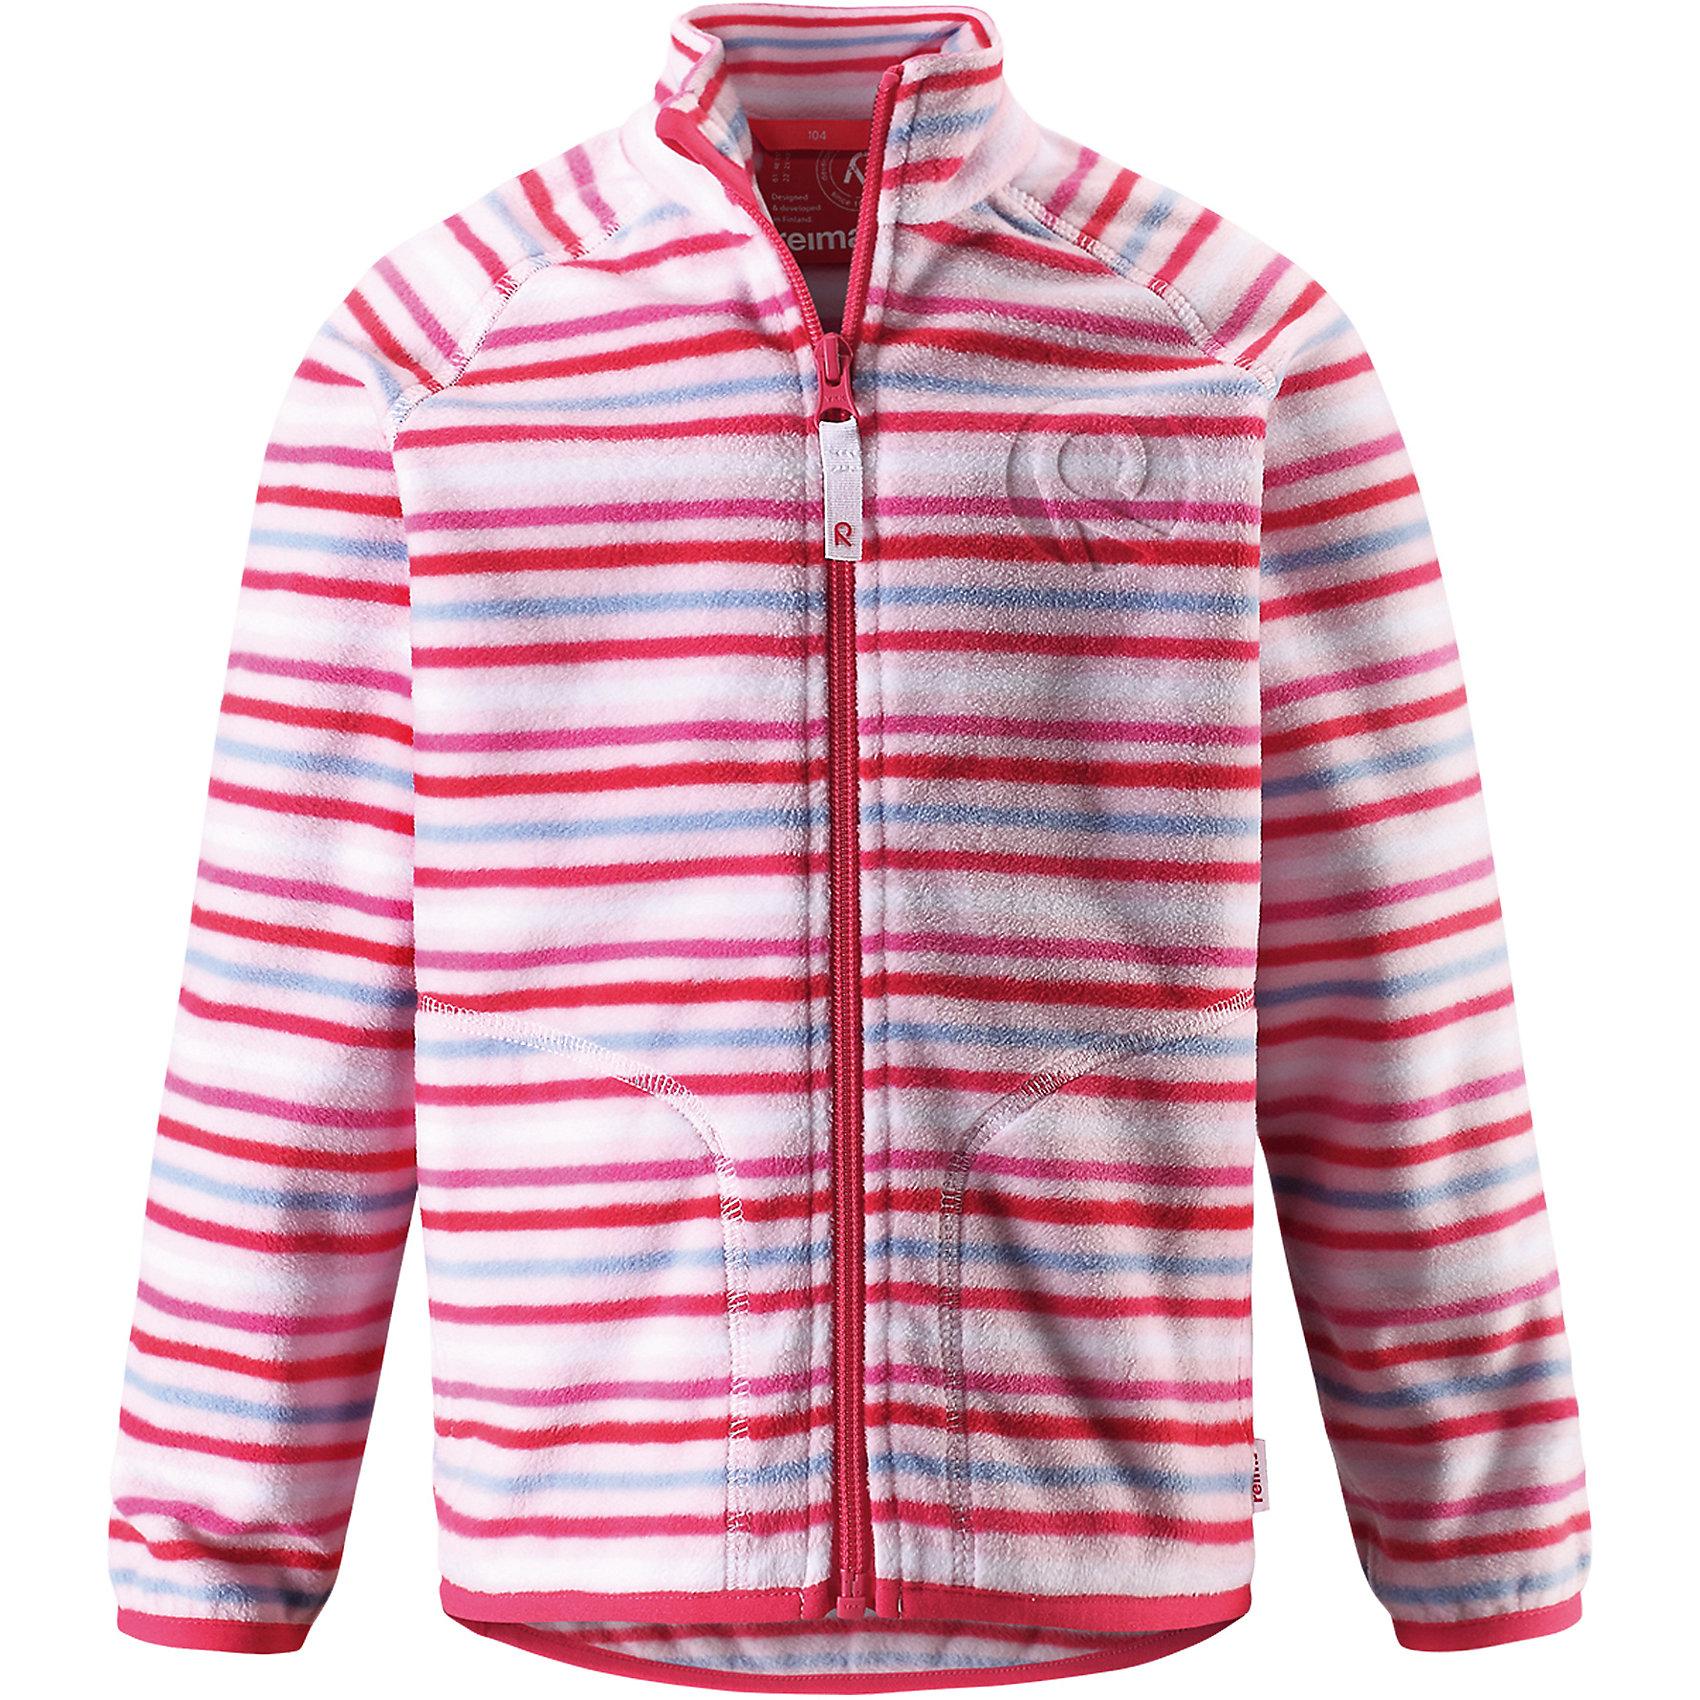 Куртка флисовая Inrun для девочки ReimaОдежда<br>Характеристики товара:<br><br>• цвет: розовый<br>• состав: 100% полиэстер<br>• поларфлис<br>• аппликация<br>• молния<br>• защита подбородка<br>• приятная на ощупь ткань<br>• карманы<br>• может пристегиваться к верхней одежде Reima® кнопками Play Layers®<br>• эластичные манжеты и подол<br>• удлиненная сзади<br>• комфортная посадка<br>• страна производства: Китай<br>• страна бренда: Финляндия<br>• коллекция: весна-лето 2017<br><br>Одежда для детей может быть модной и комфортной одновременно! Удобная курточка поможет обеспечить ребенку комфорт и тепло. Изделие сшито из поларфлис - мягкого и теплого материала, приятного на ощупь. Модель стильно смотрится, отлично сочетается с различным низом. Стильный дизайн разрабатывался специально для детей.<br><br>Одежда и обувь от финского бренда Reima пользуется популярностью во многих странах. Эти изделия стильные, качественные и удобные. Для производства продукции используются только безопасные, проверенные материалы и фурнитура. Порадуйте ребенка модными и красивыми вещами от Reima! <br><br>Куртку флисовую для мальчика от финского бренда Reima (Рейма) можно купить в нашем интернет-магазине.<br><br>Ширина мм: 356<br>Глубина мм: 10<br>Высота мм: 245<br>Вес г: 519<br>Цвет: розовый<br>Возраст от месяцев: 96<br>Возраст до месяцев: 108<br>Пол: Женский<br>Возраст: Детский<br>Размер: 134,140,92,98,104,110,116,122,128<br>SKU: 5268146